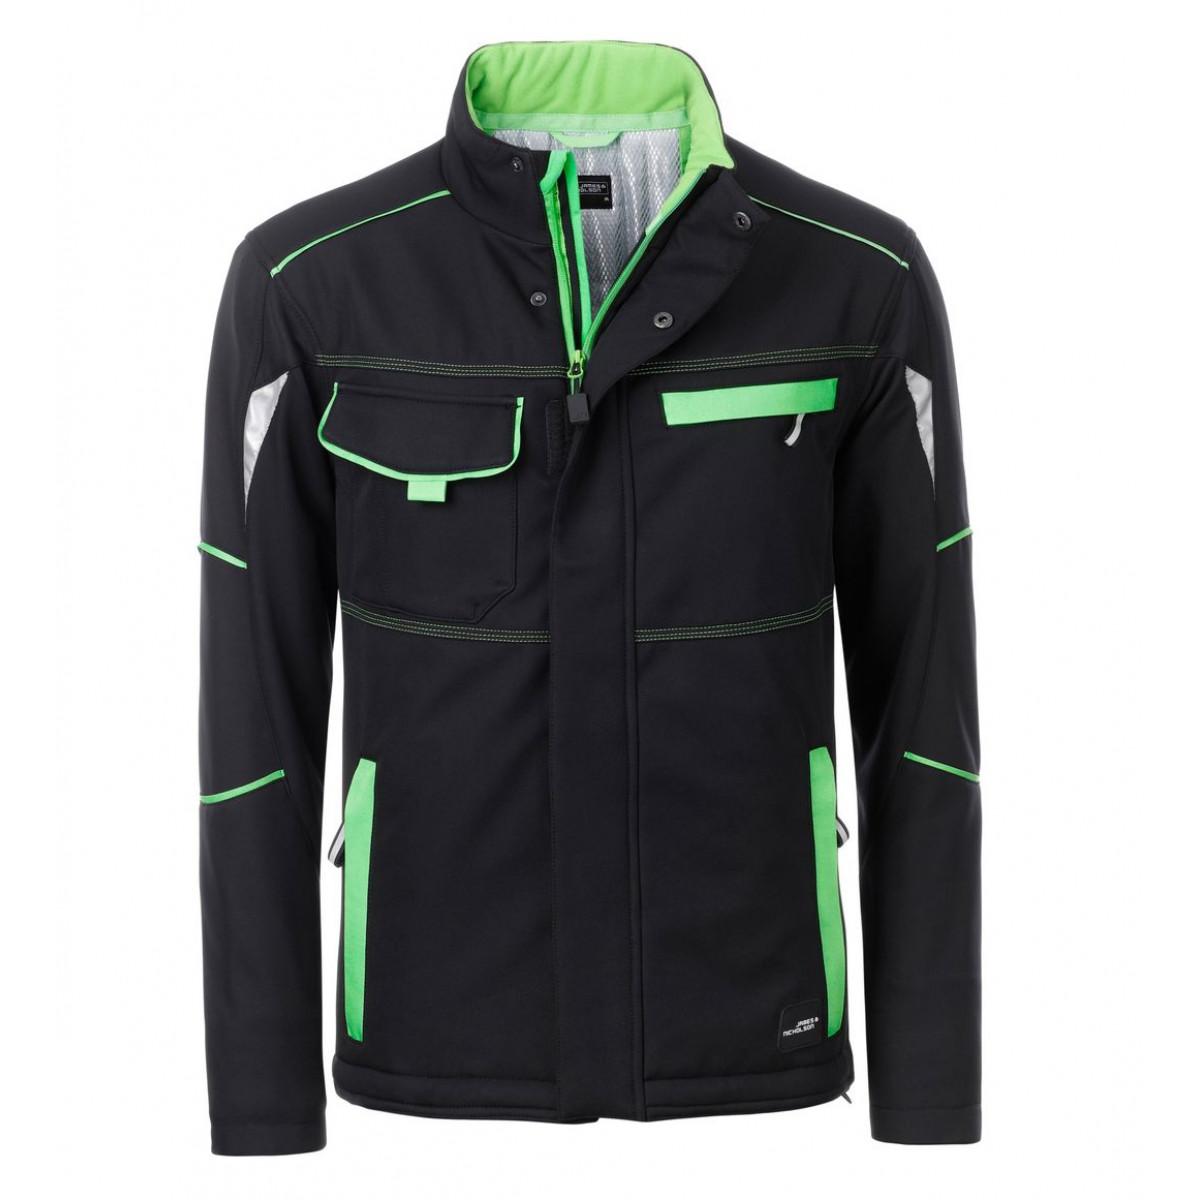 Куртка мужская JN853 Workwear Softshell Padded Jacket-Level 2 - Черный/Лайм